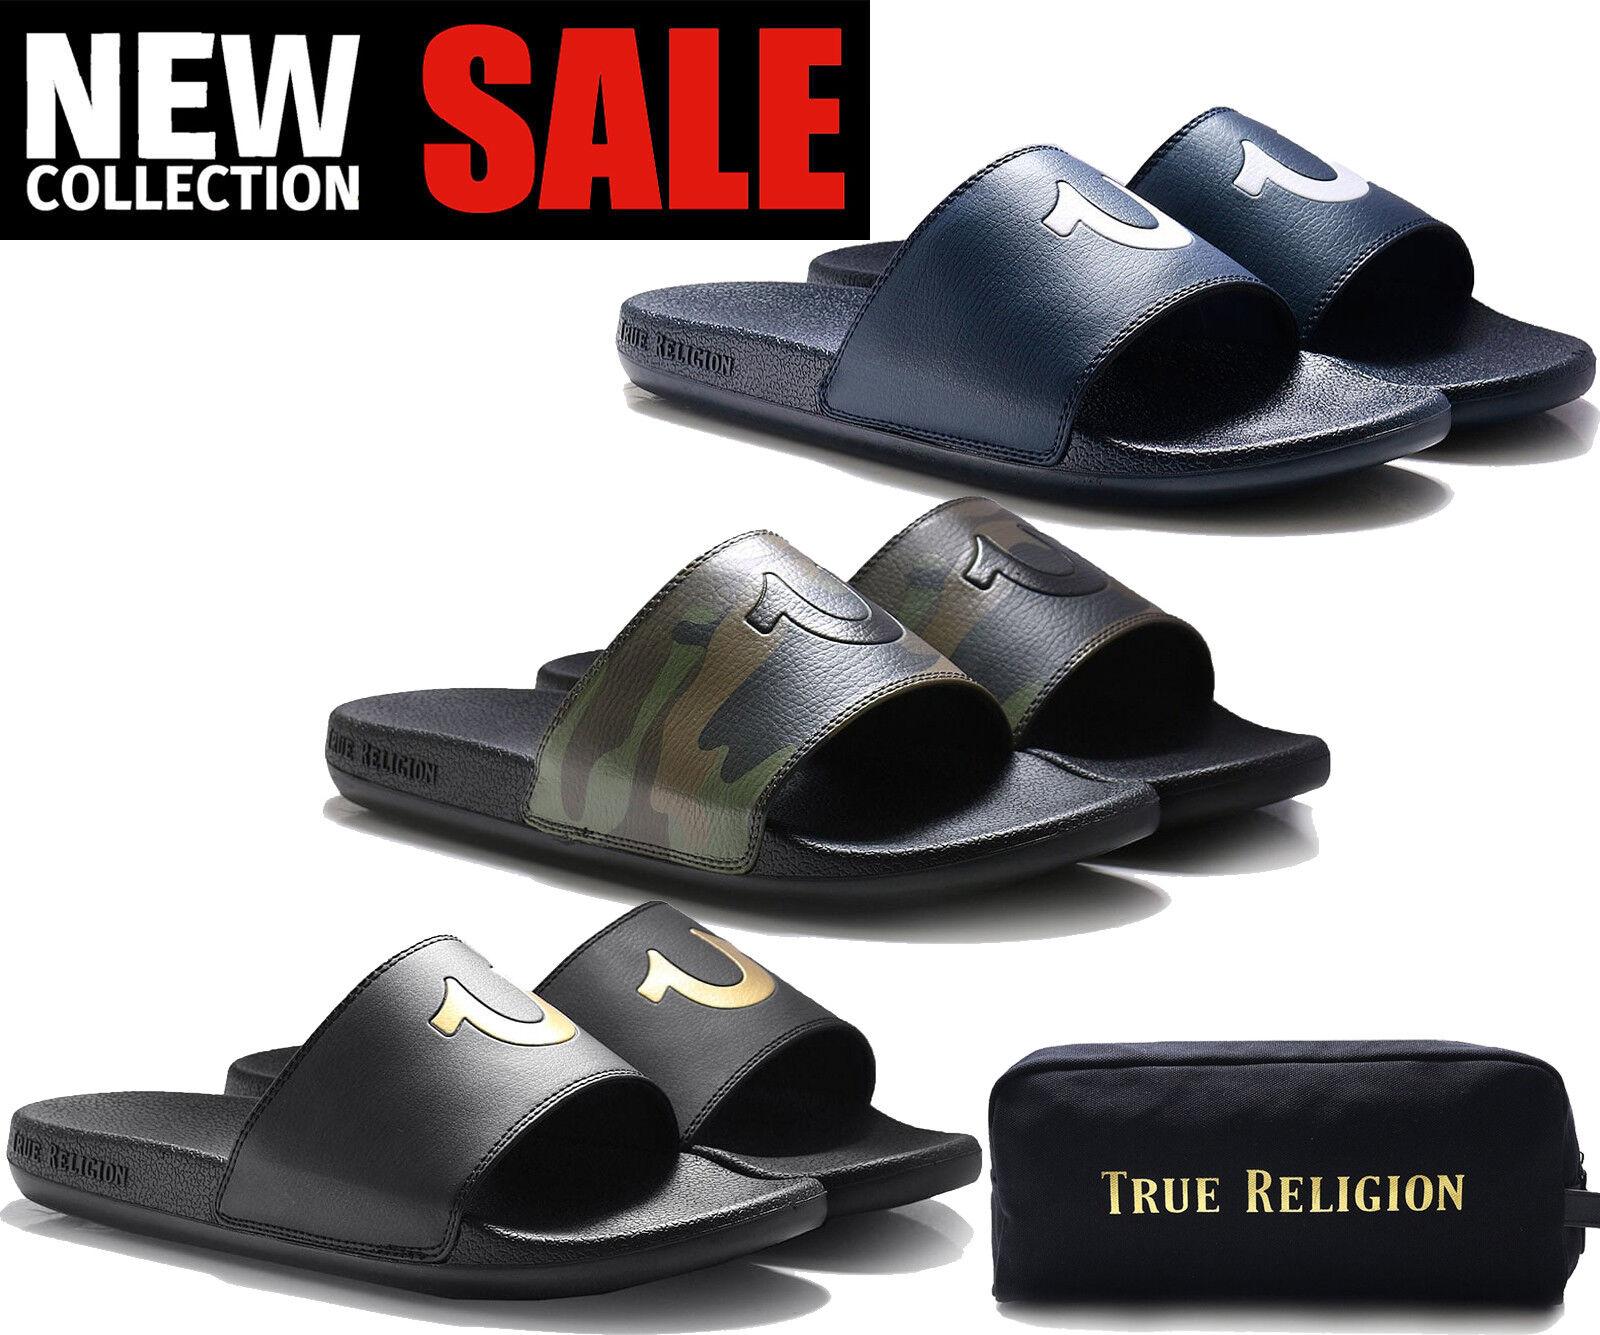 True Religion Sandalo Uomo TR Scivolo Pantofola Sandalo Religion Scarpe 100% Nuovo di Zecca ORIGINALE trshoe e42859